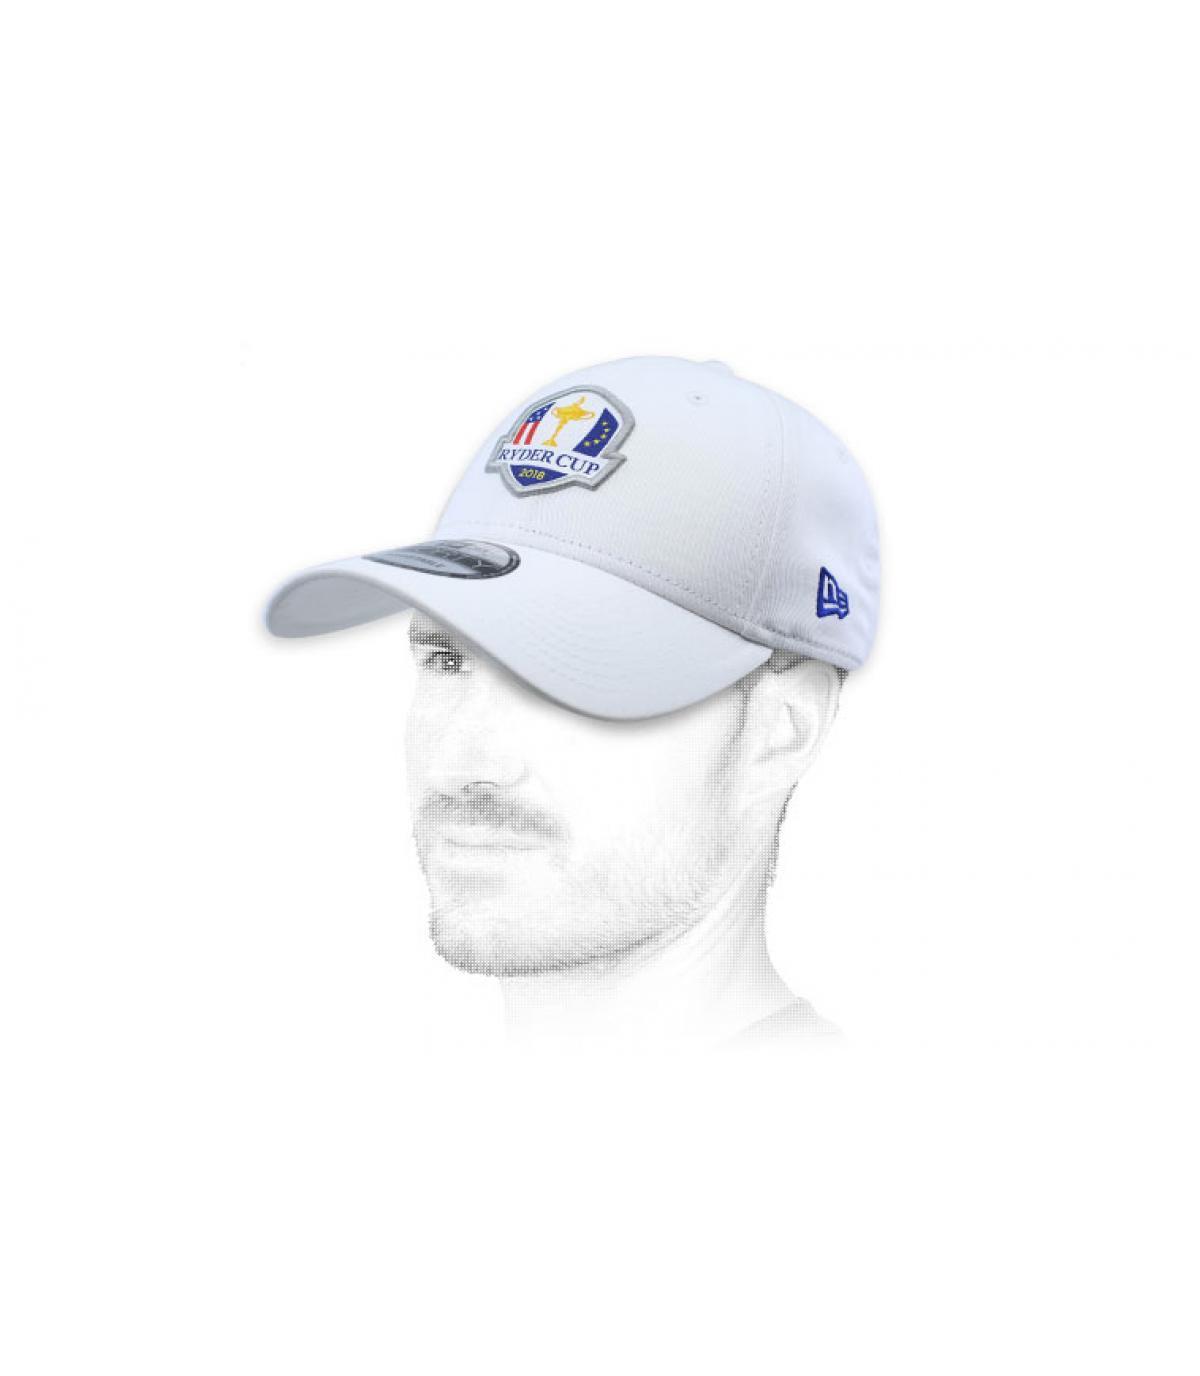 berretto da golf Ryder Cup bianco